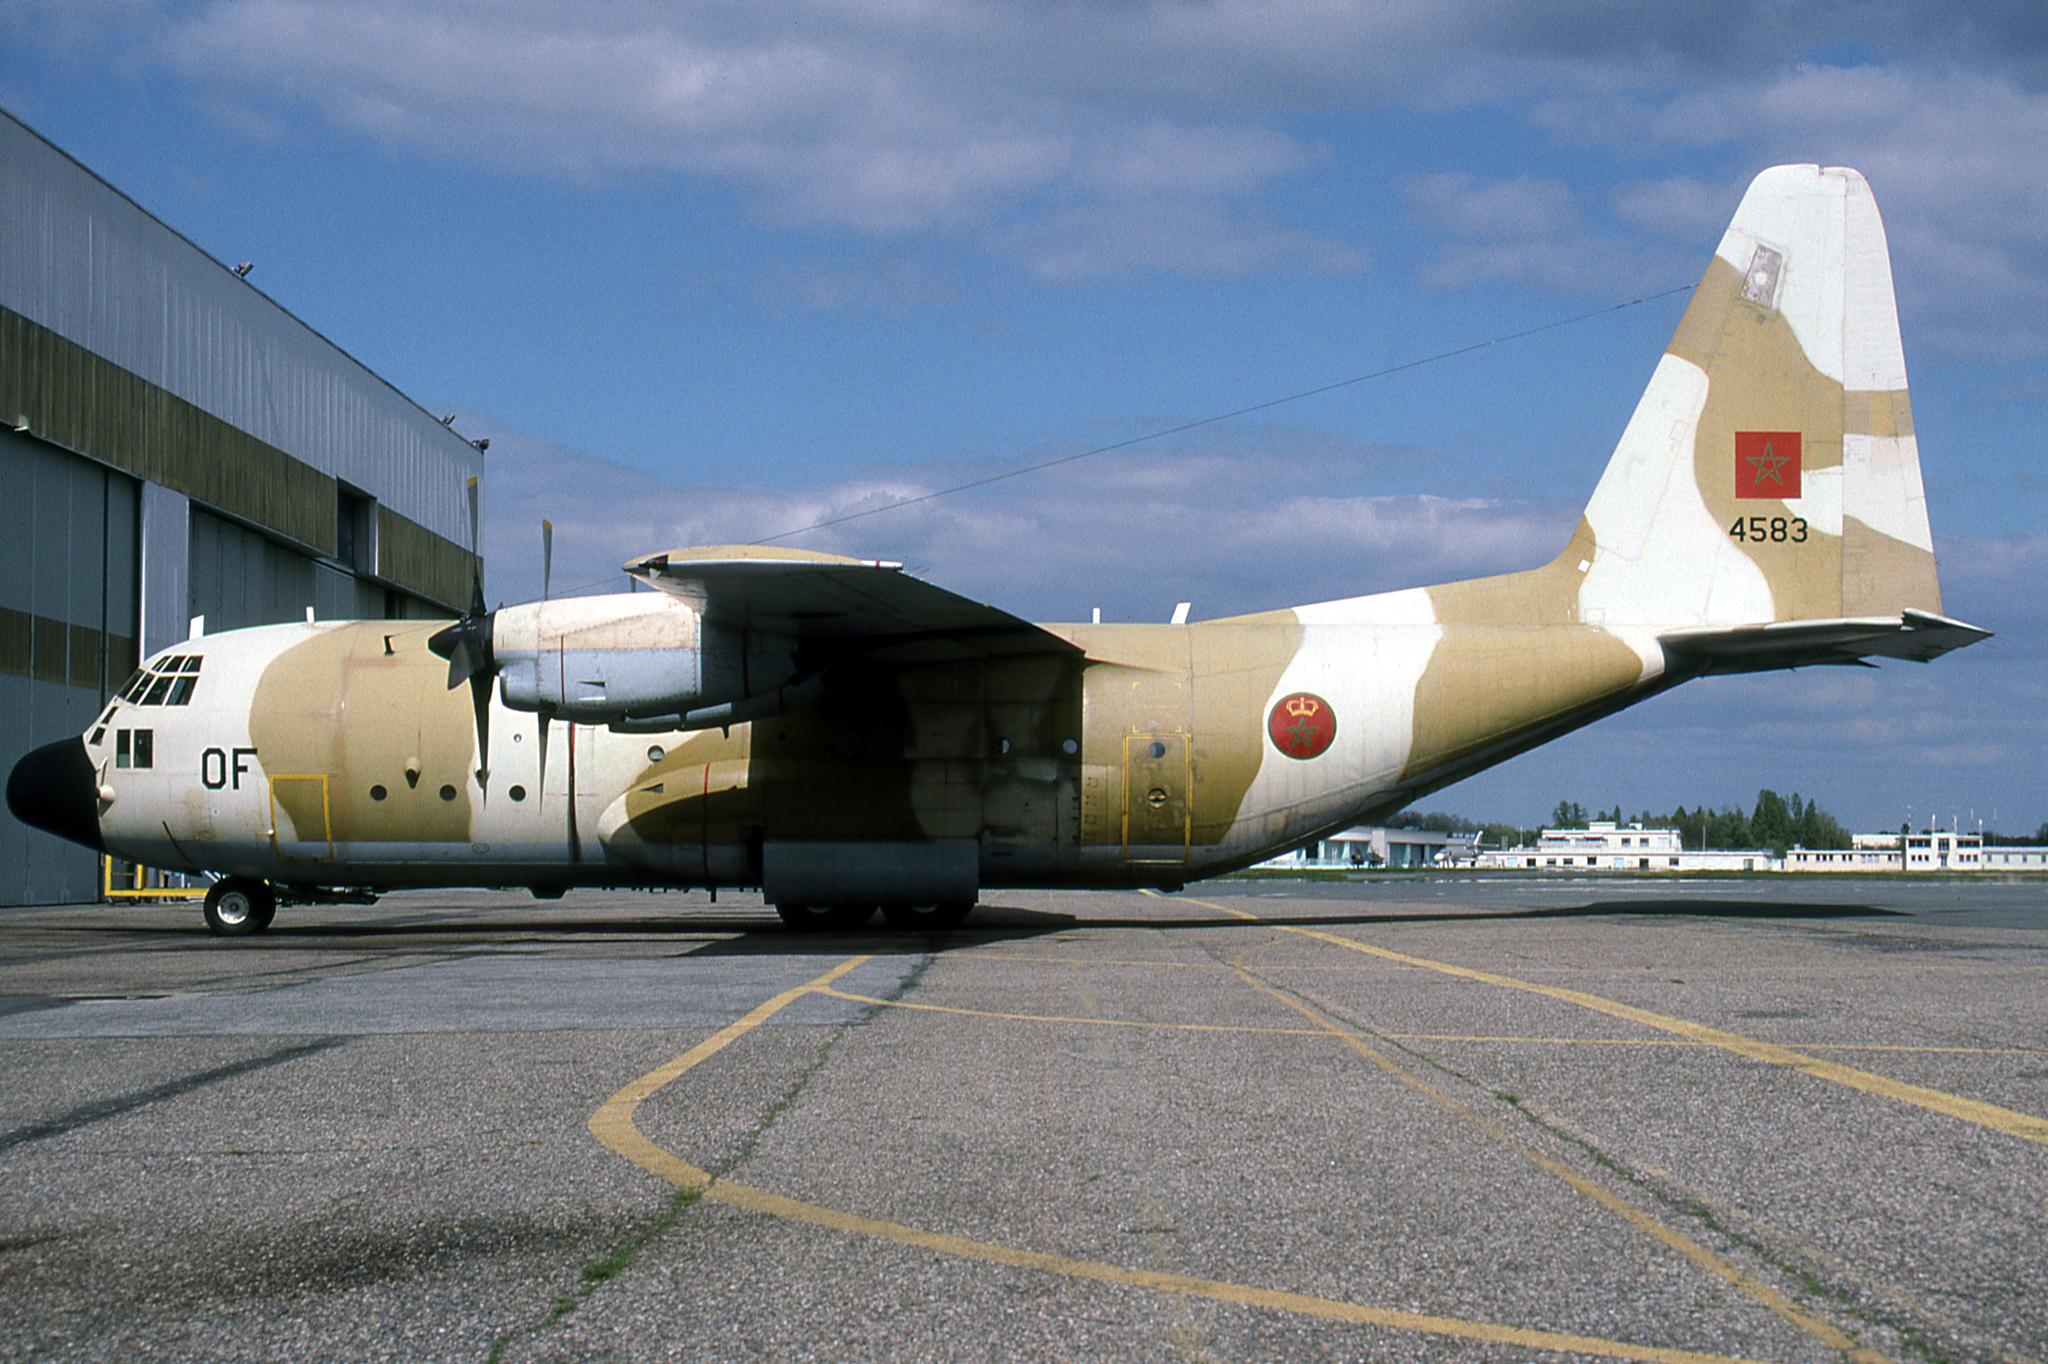 FRA: Photos d'avions de transport - Page 38 48463315321_b126b46bf8_o